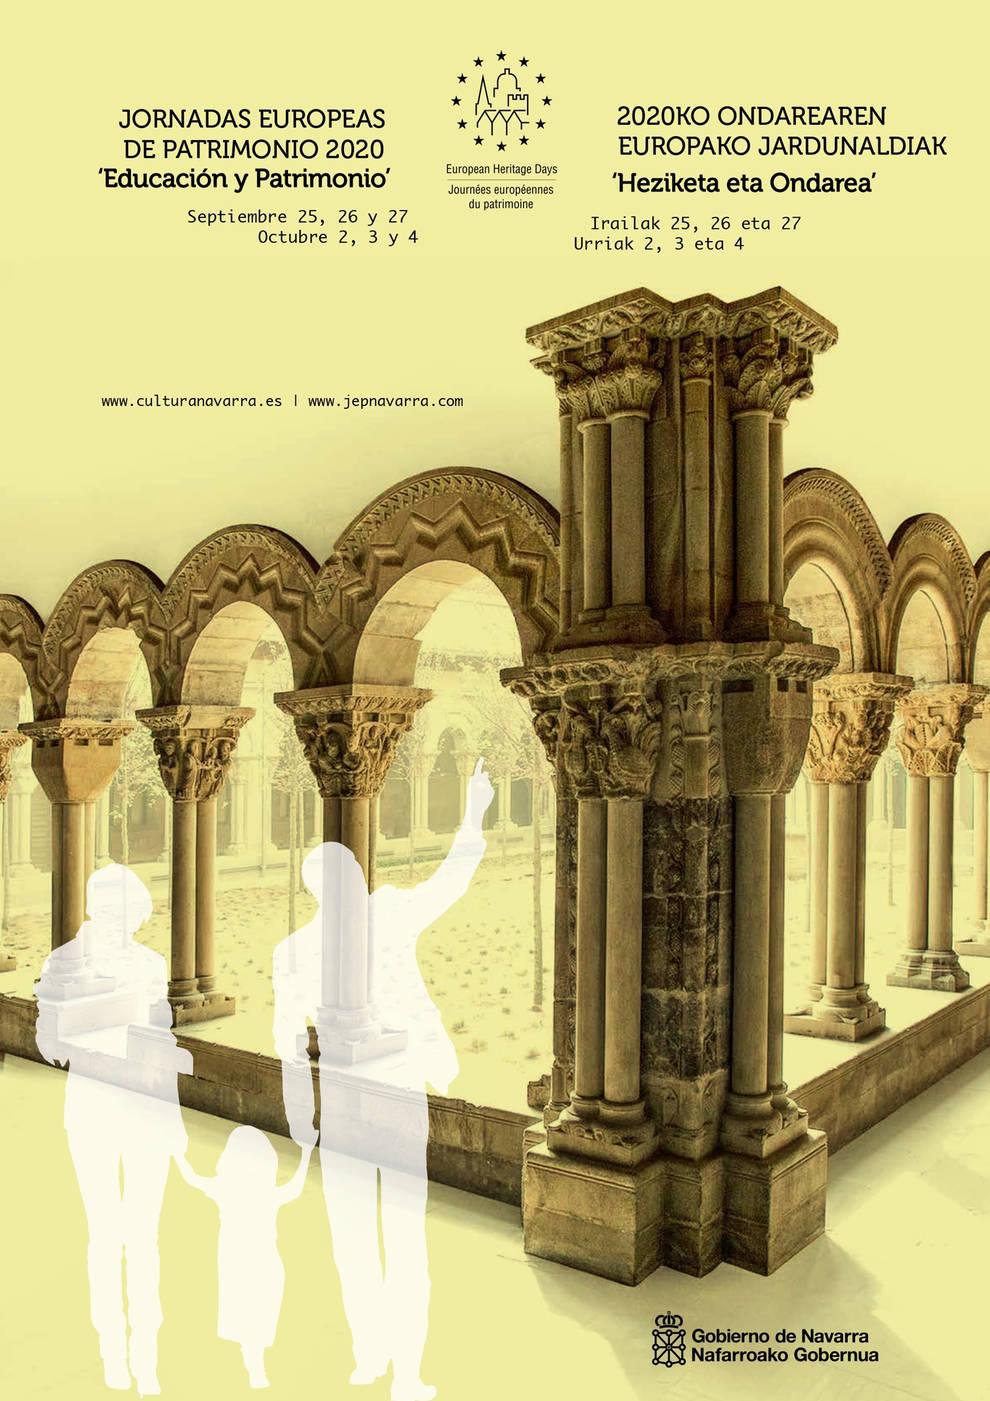 Las Jornadas Europeas de Patrimonio se celebrarán en dos fines de semana